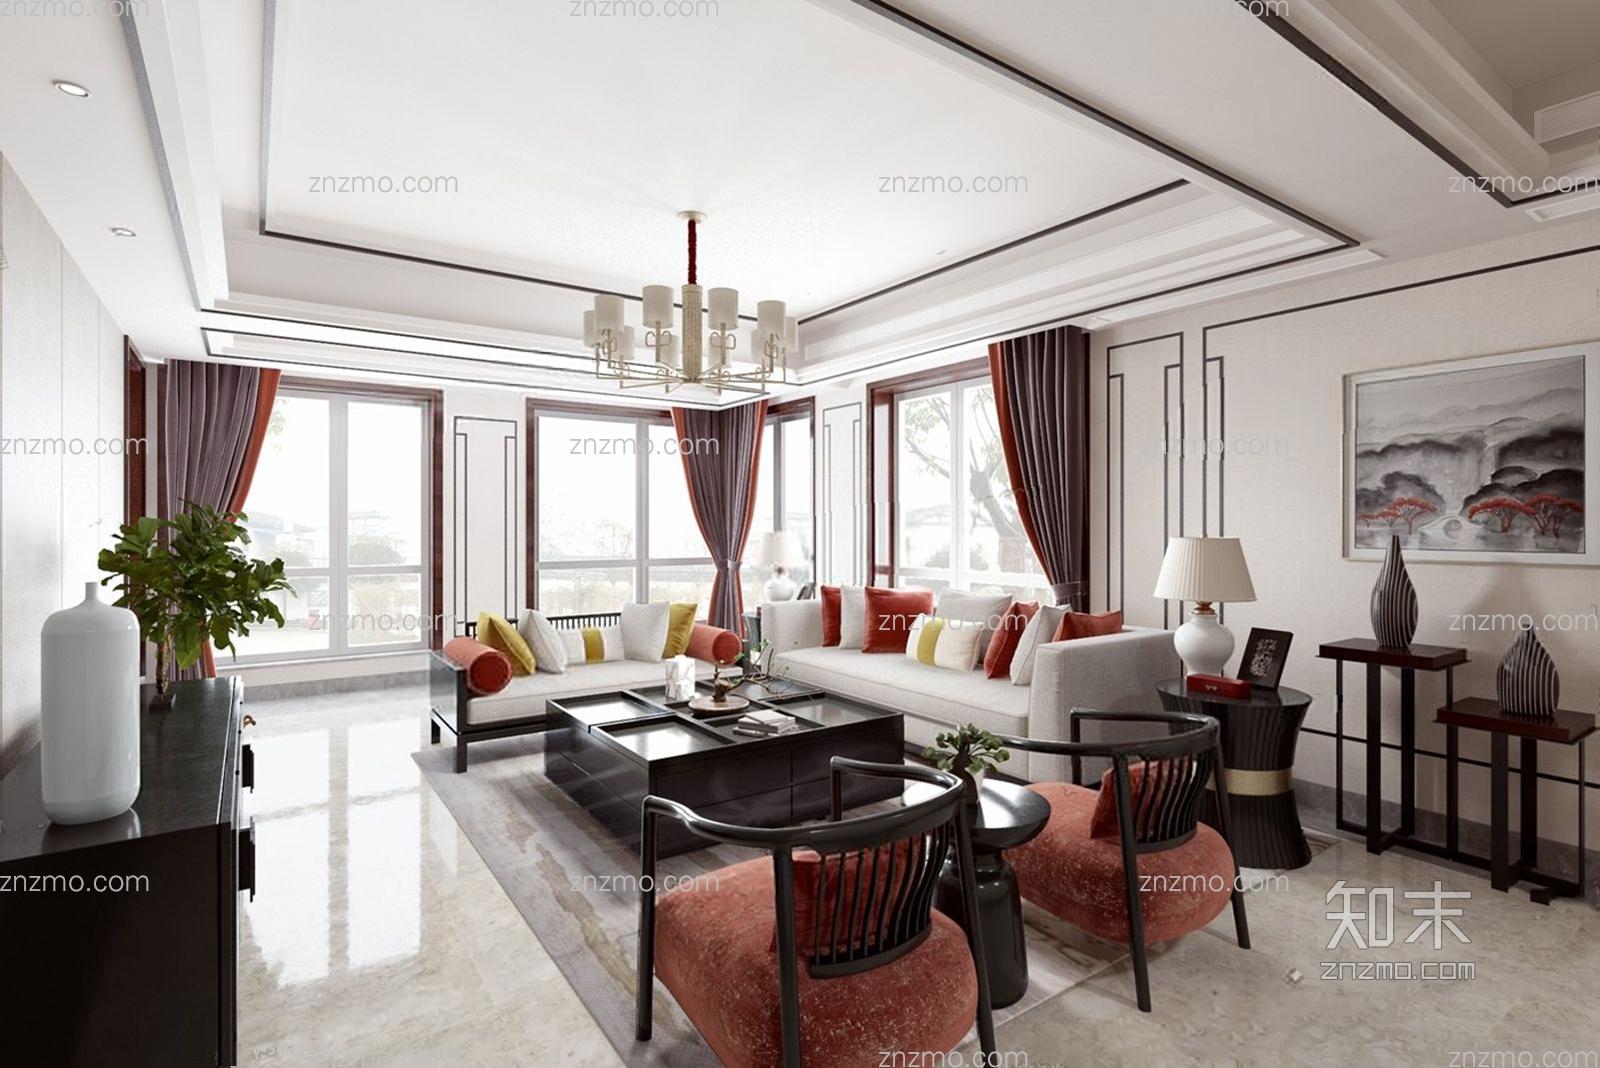 新中式客厅 沙发茶几 电视柜 角几 台灯 吊灯